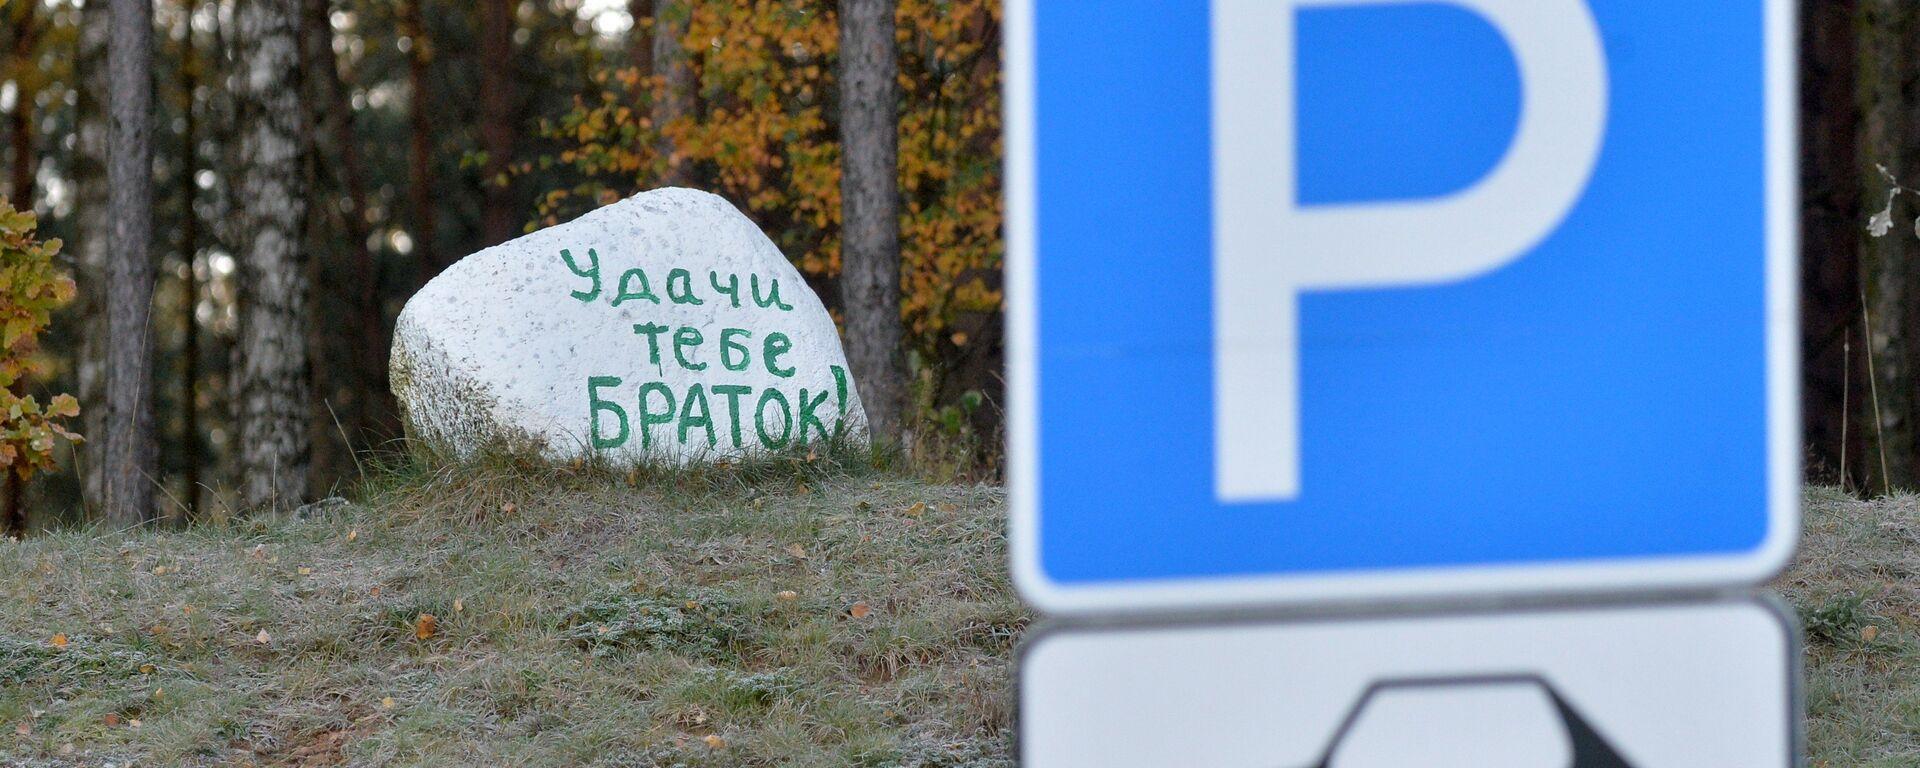 Иностранные граждане не могут въезжать в Россию через границу Беларусь  - Sputnik Грузия, 1920, 15.07.2020